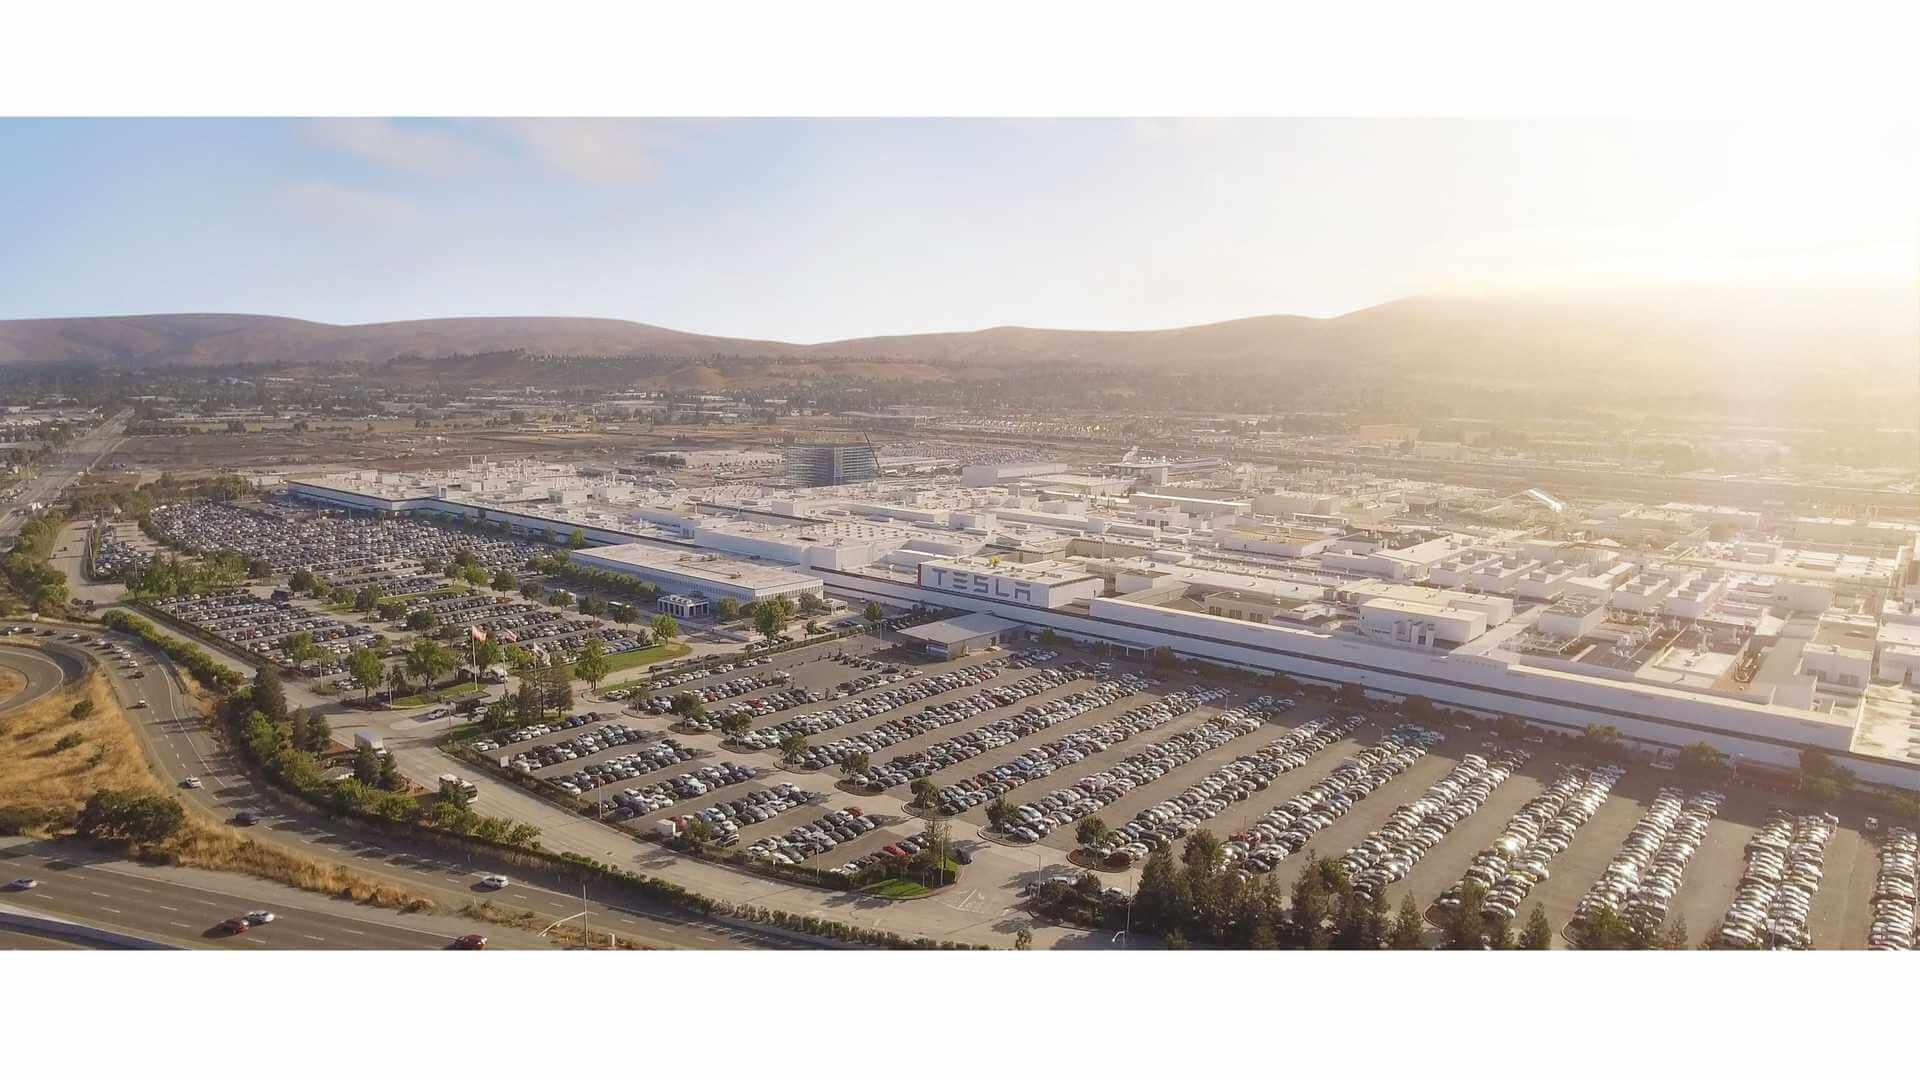 Tesla перенесет свою штаб-квартиру и будущие программы в Техас / Неваду